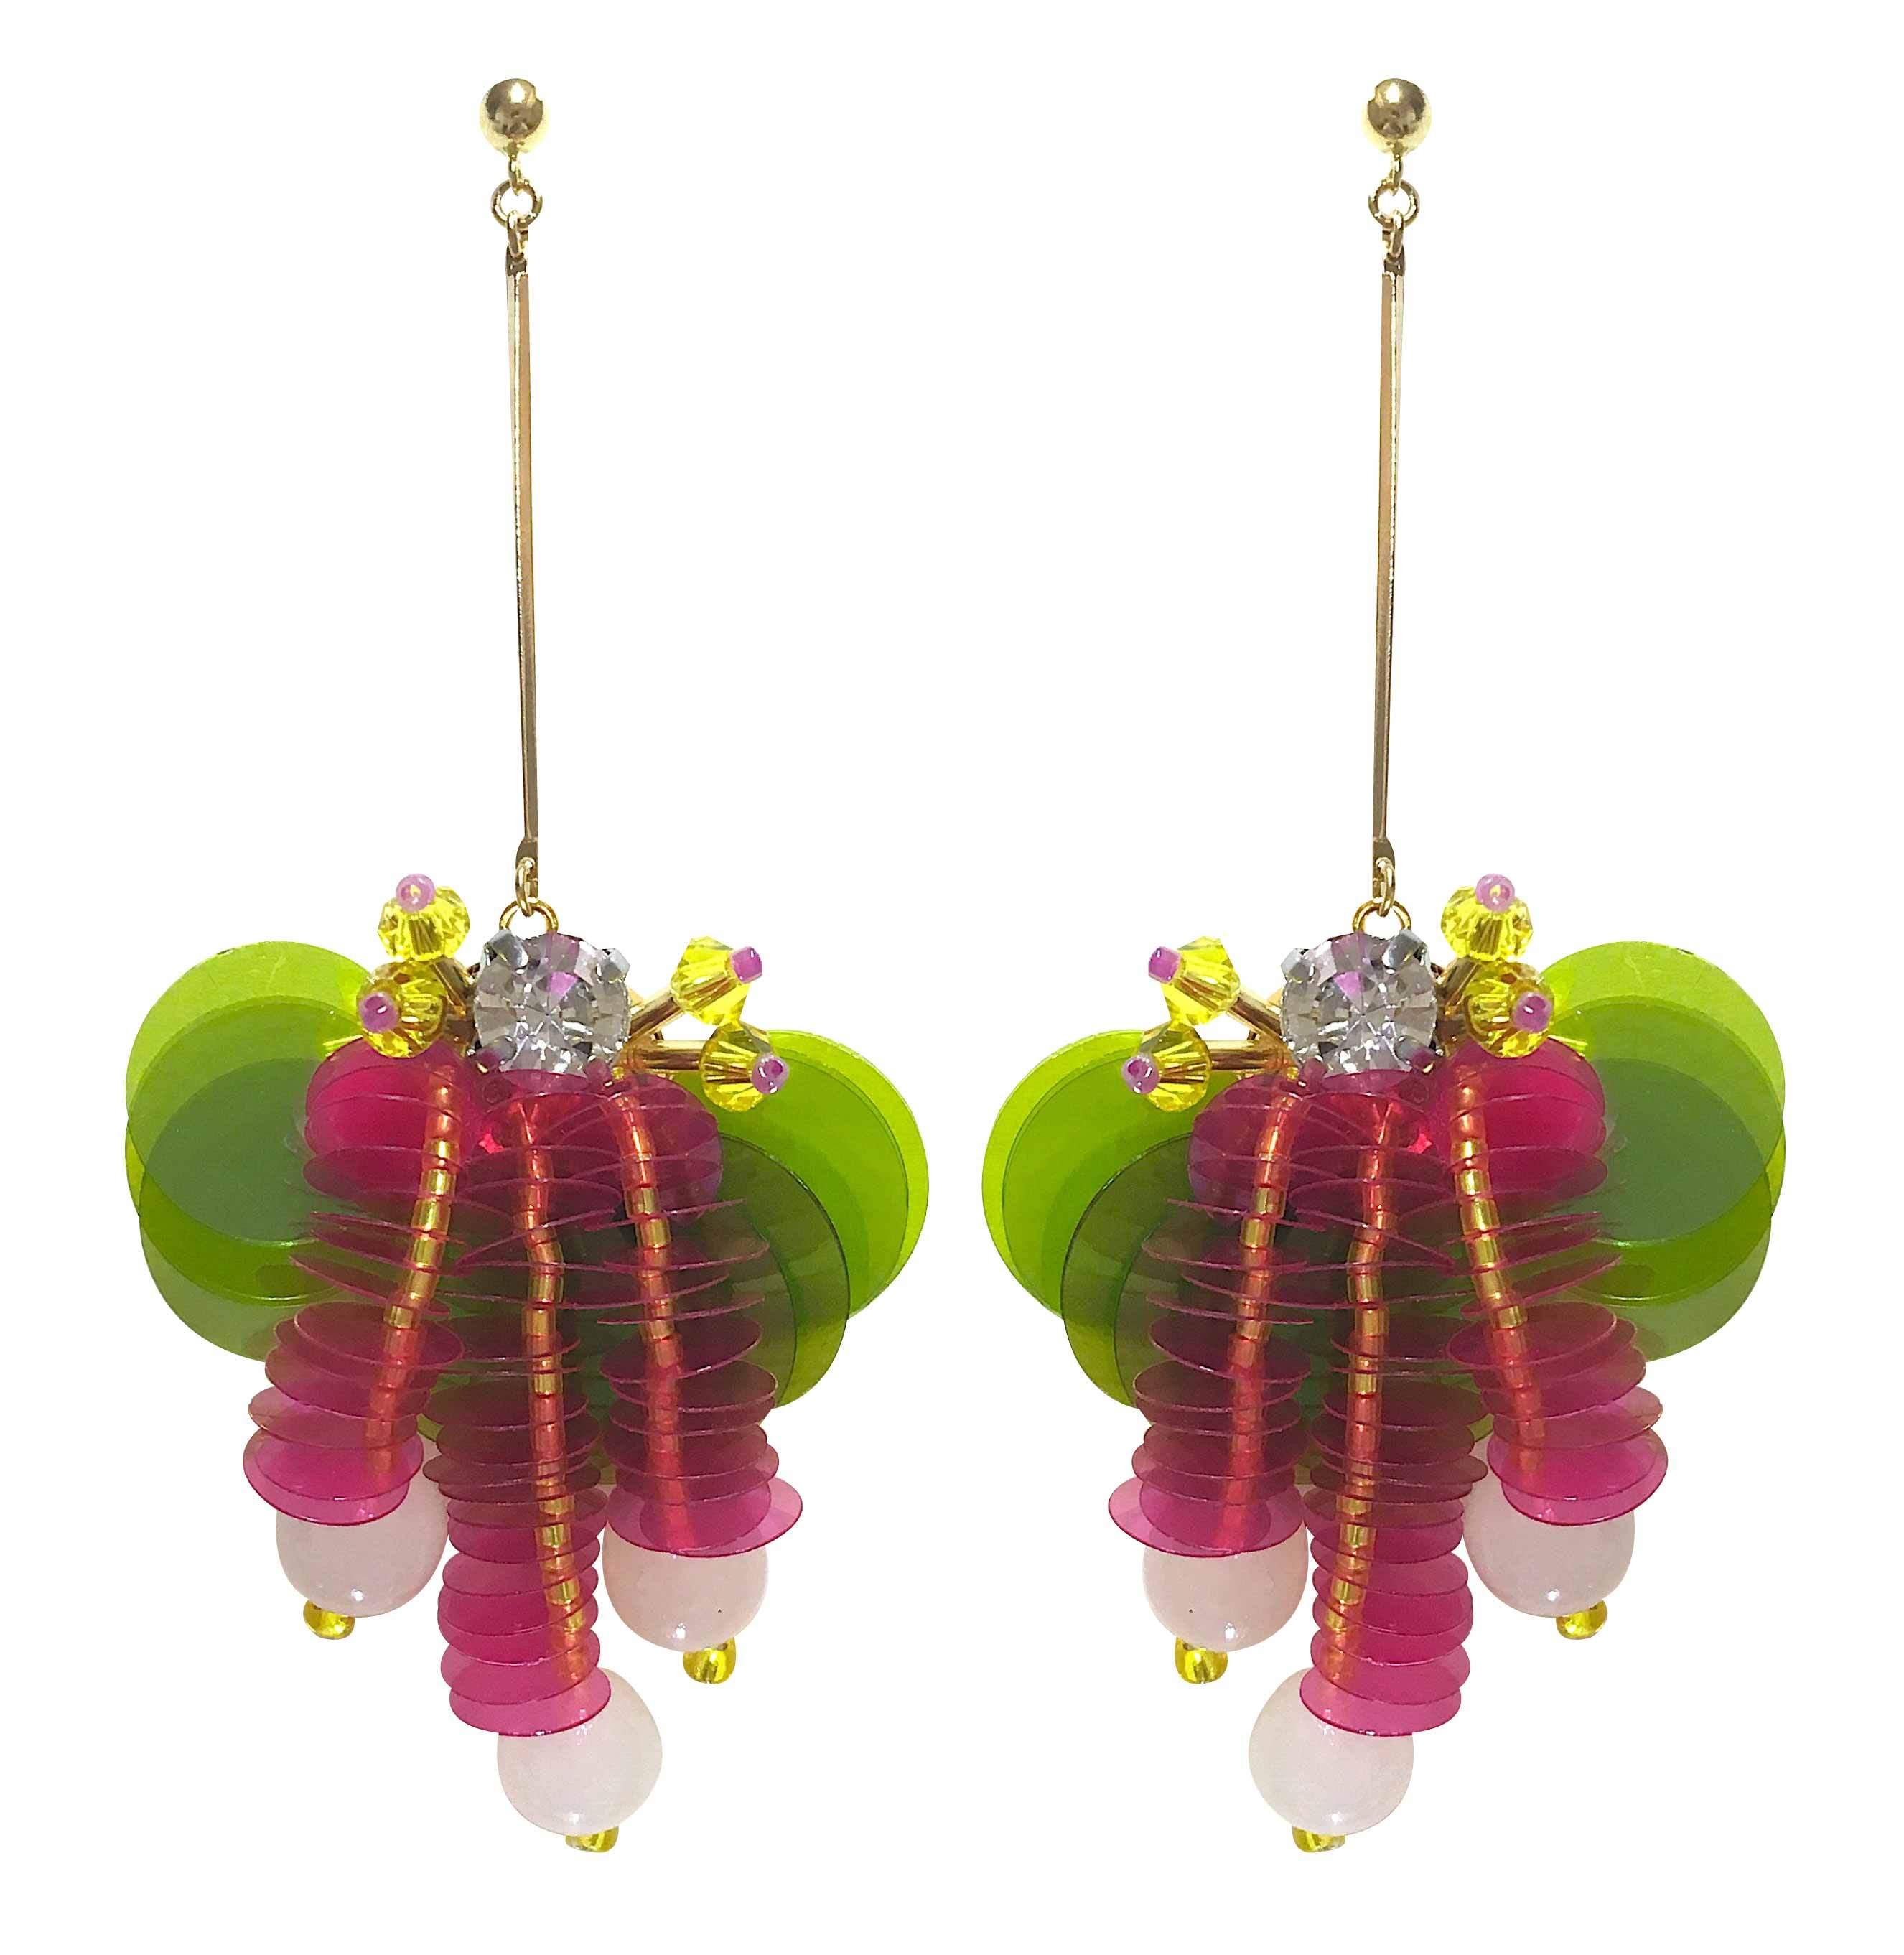 ぶどう耳飾り・黄緑×ピンク